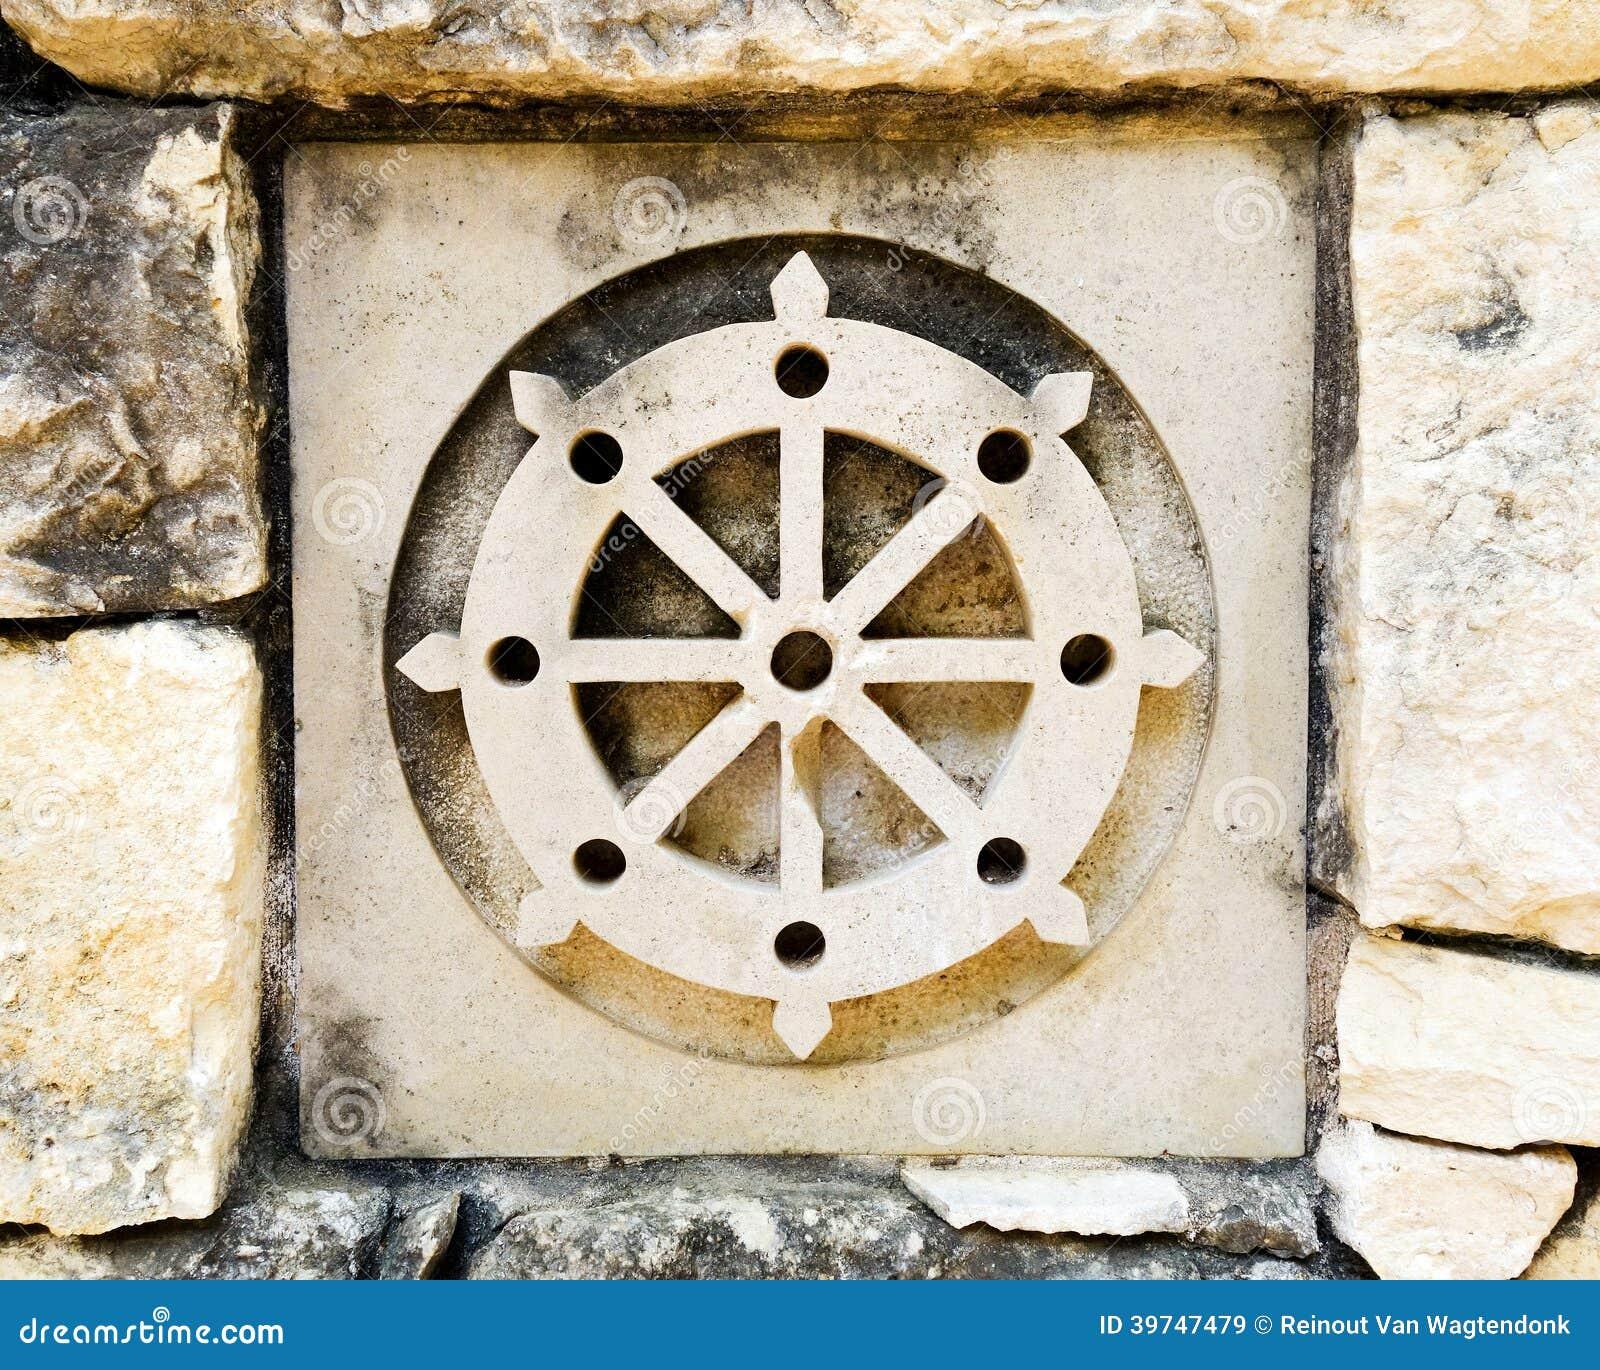 symbole de la roue du bouddhisme image stock image du fond cercle 39747479. Black Bedroom Furniture Sets. Home Design Ideas